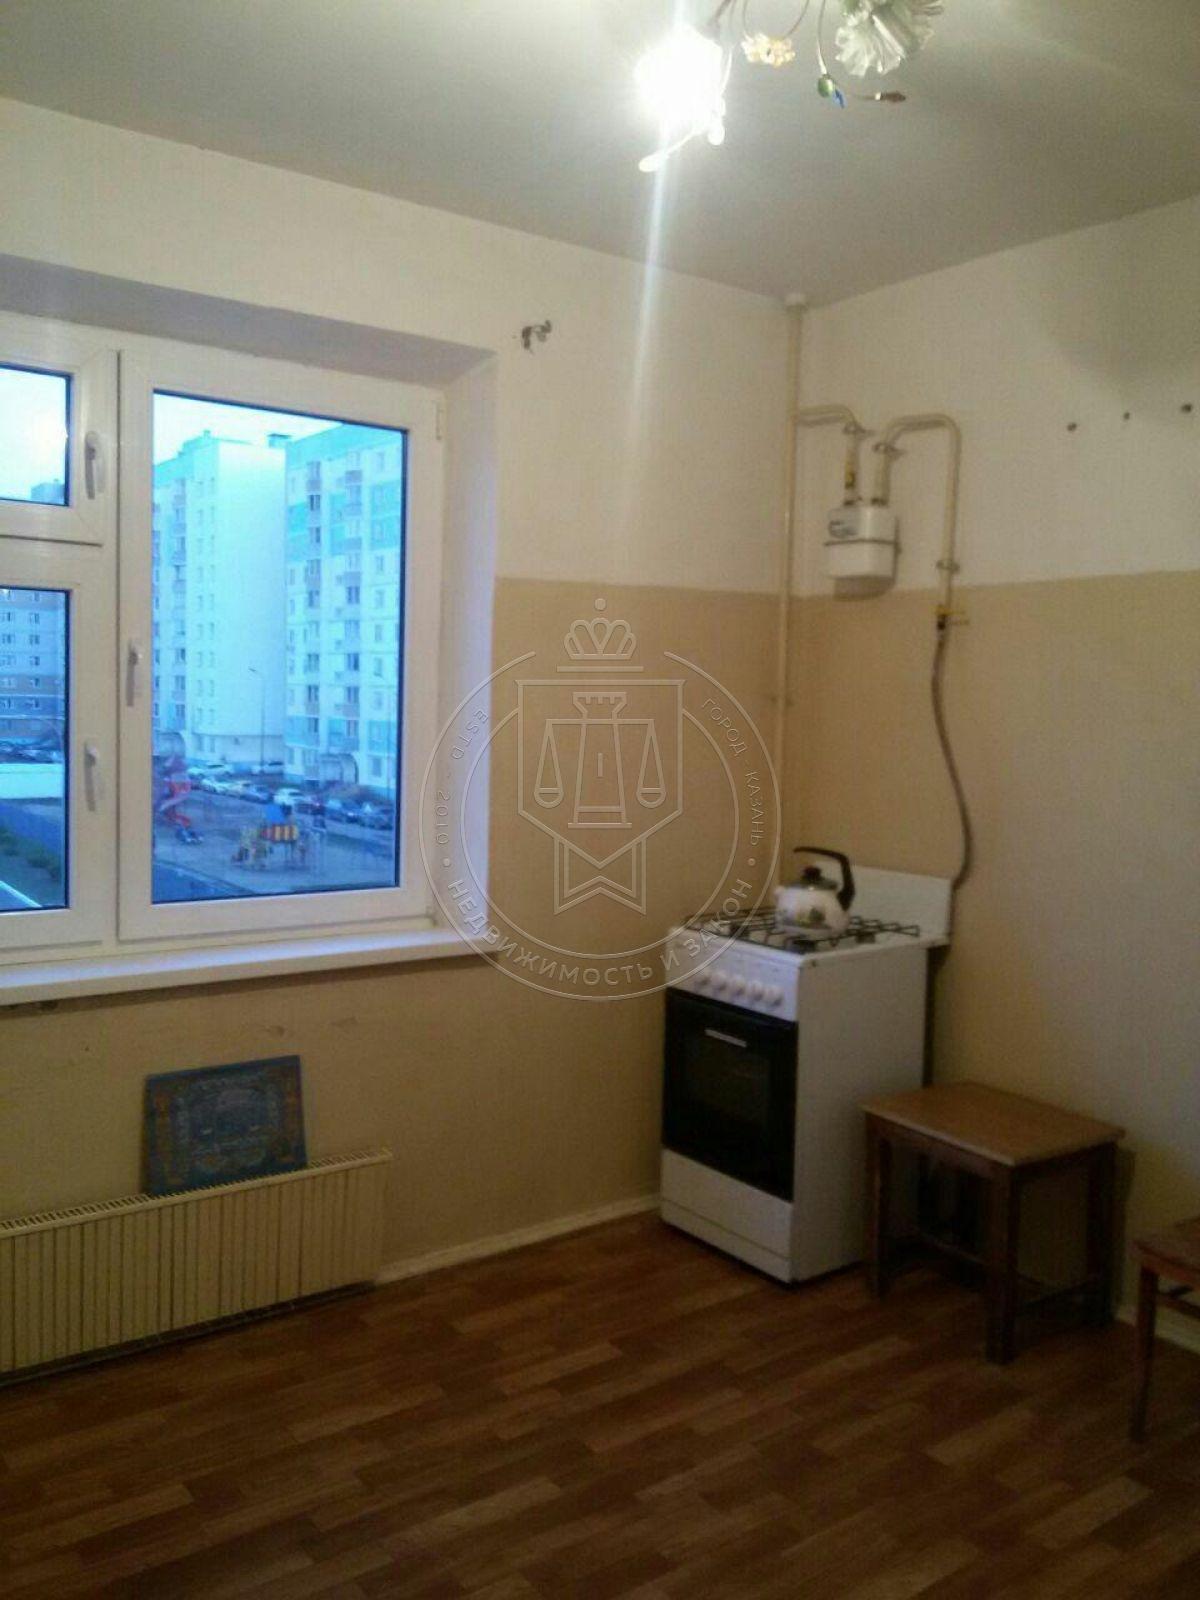 Продажа 1-к квартиры Магистральная ул, 20, 36.0 м² (миниатюра №2)